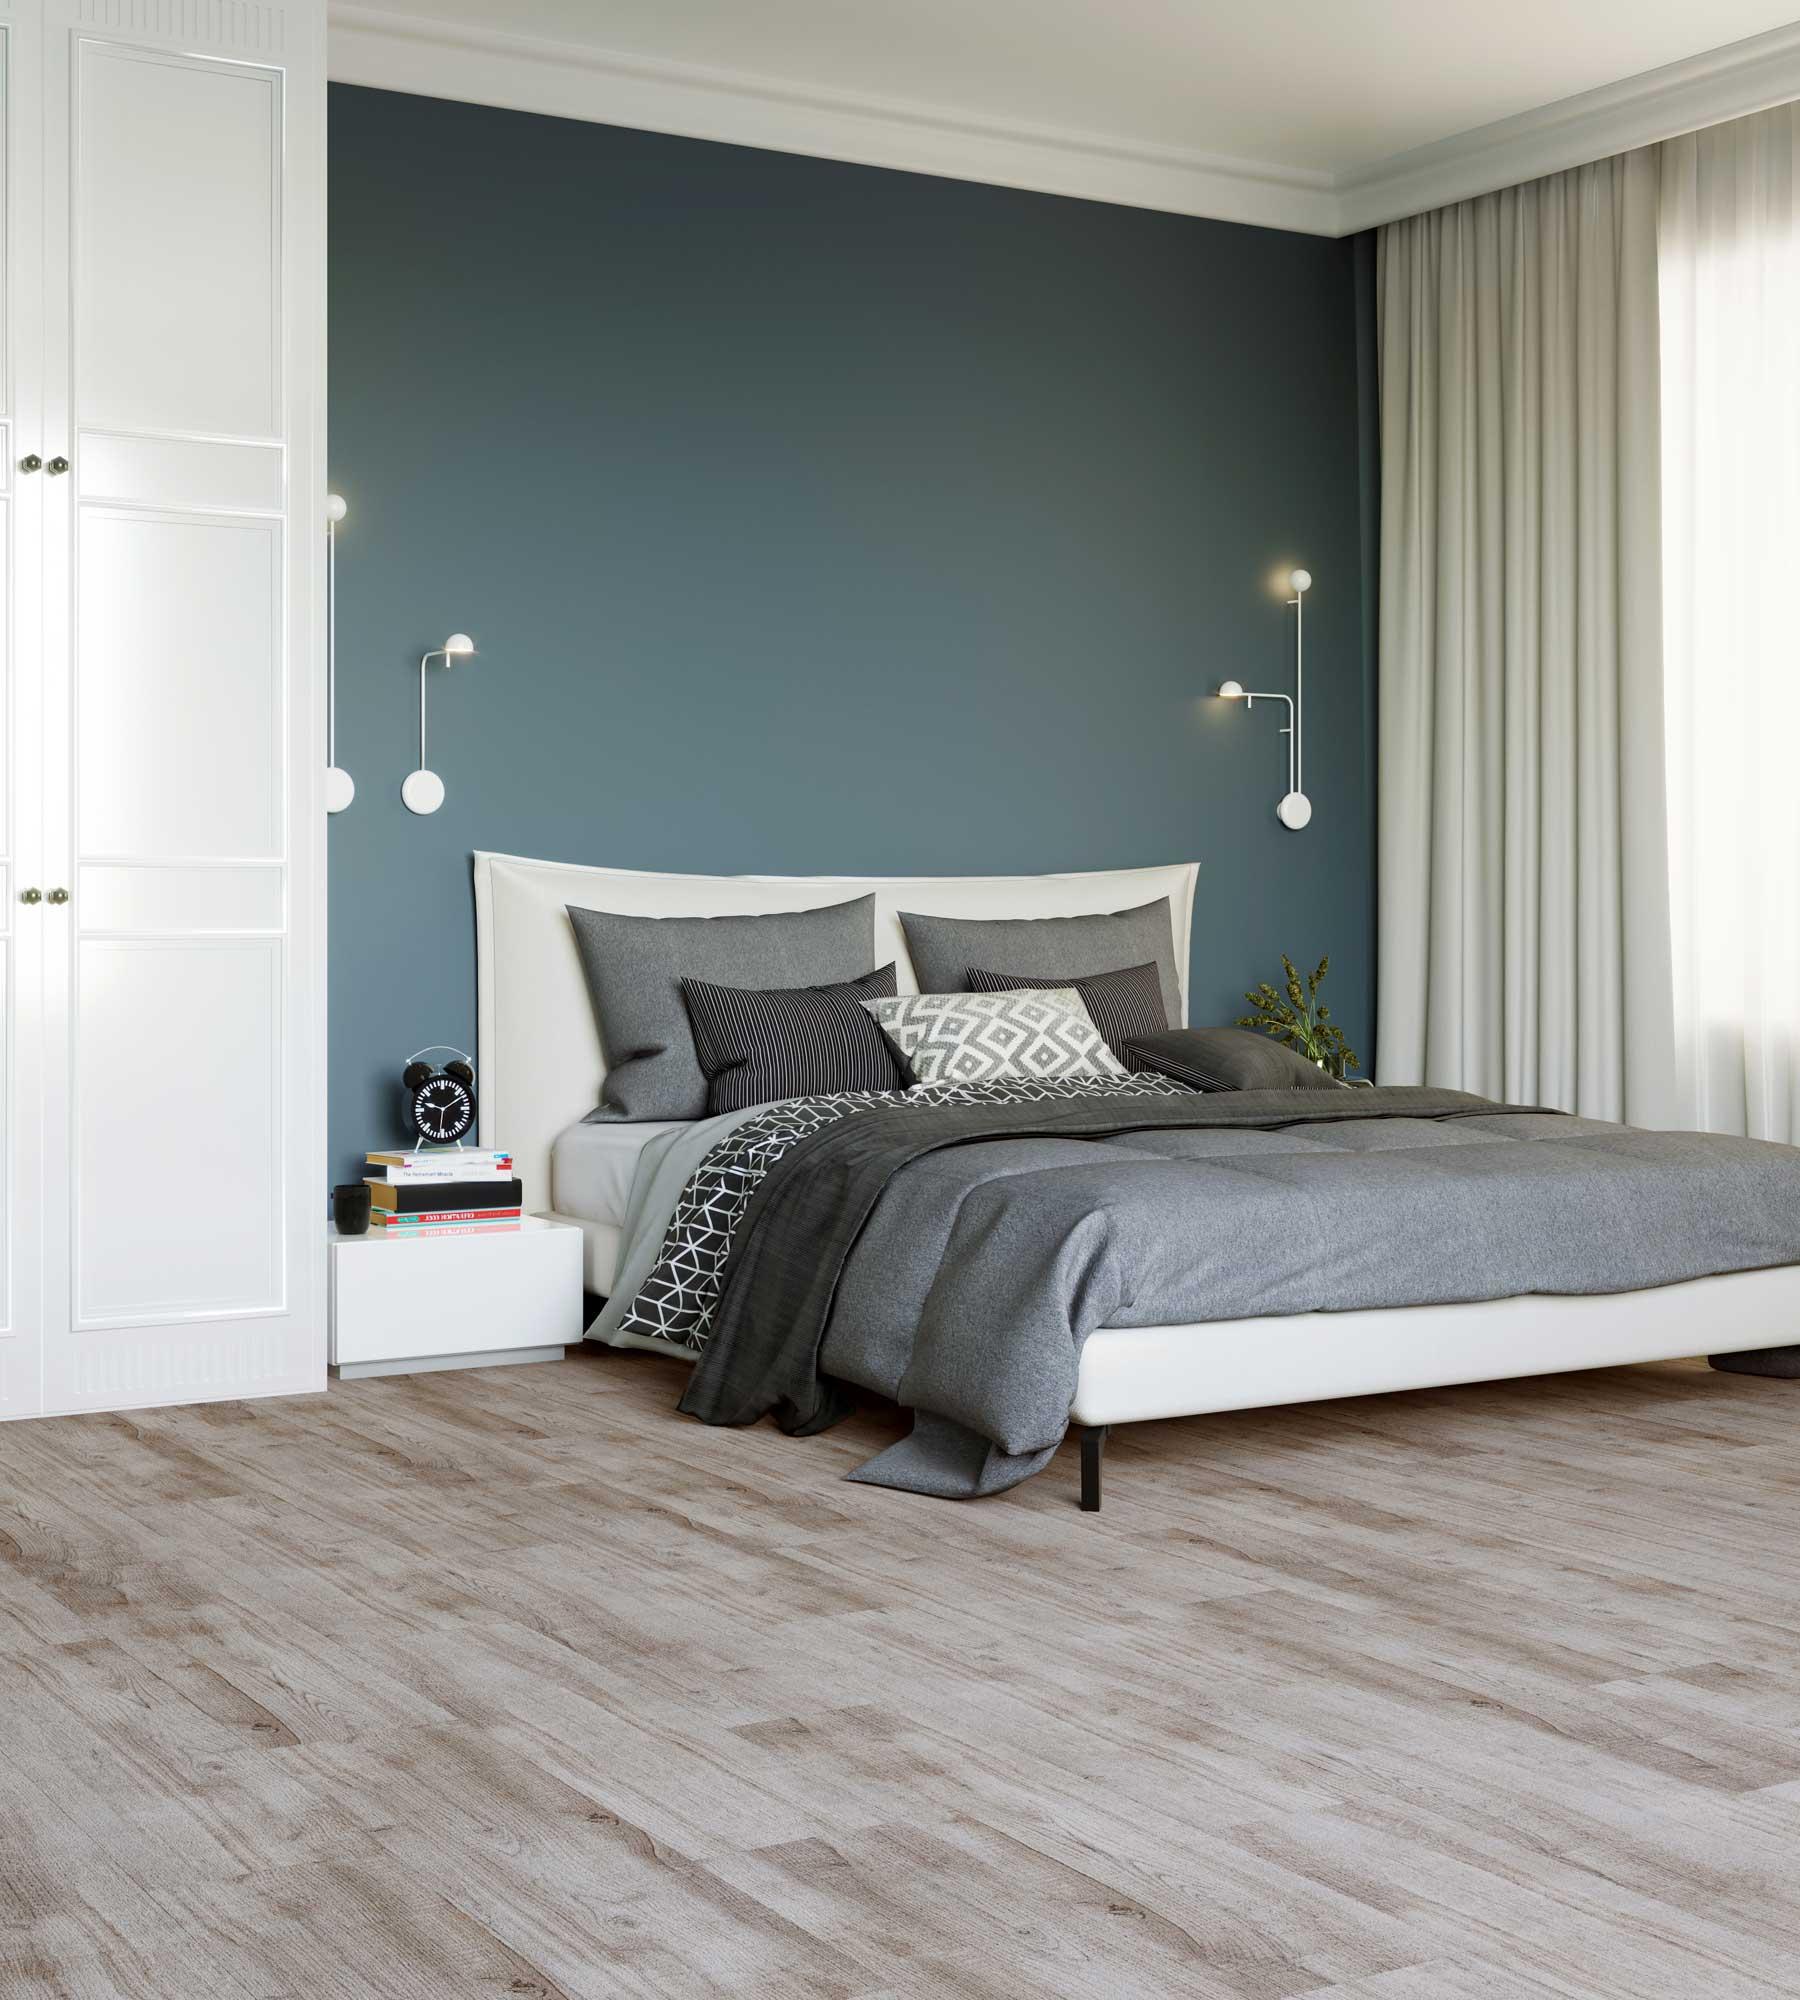 Teppich In Holzoptik Good Korkboden Verlegen Auf Teppich